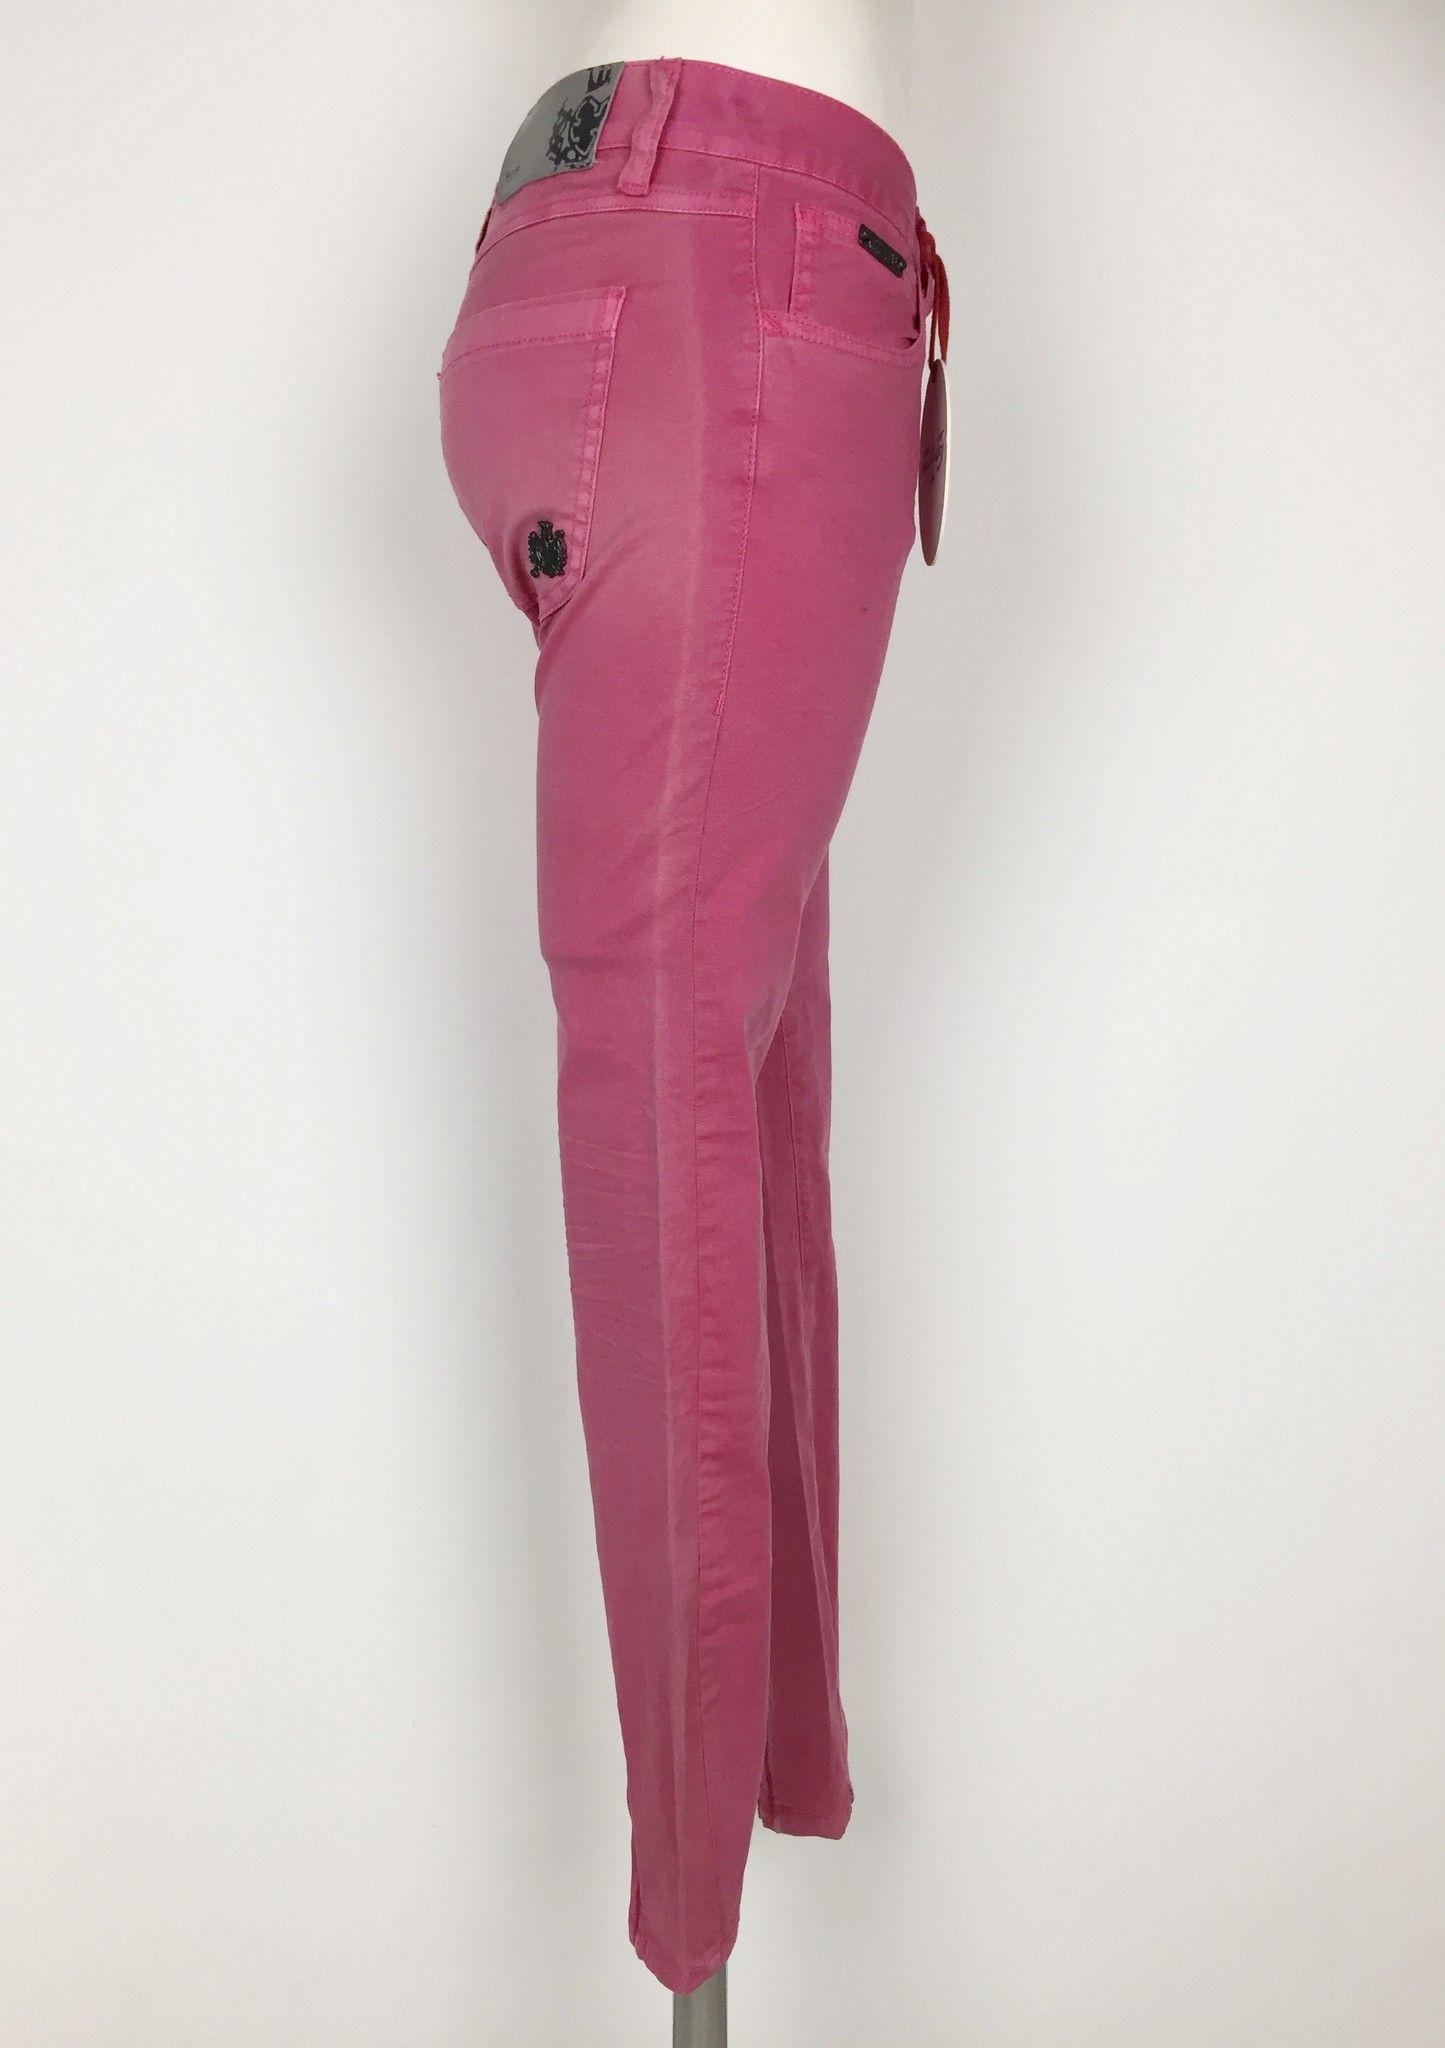 Pantalone Sexy Woman Modello Jeans in Cotone Leggero Cod.P454527